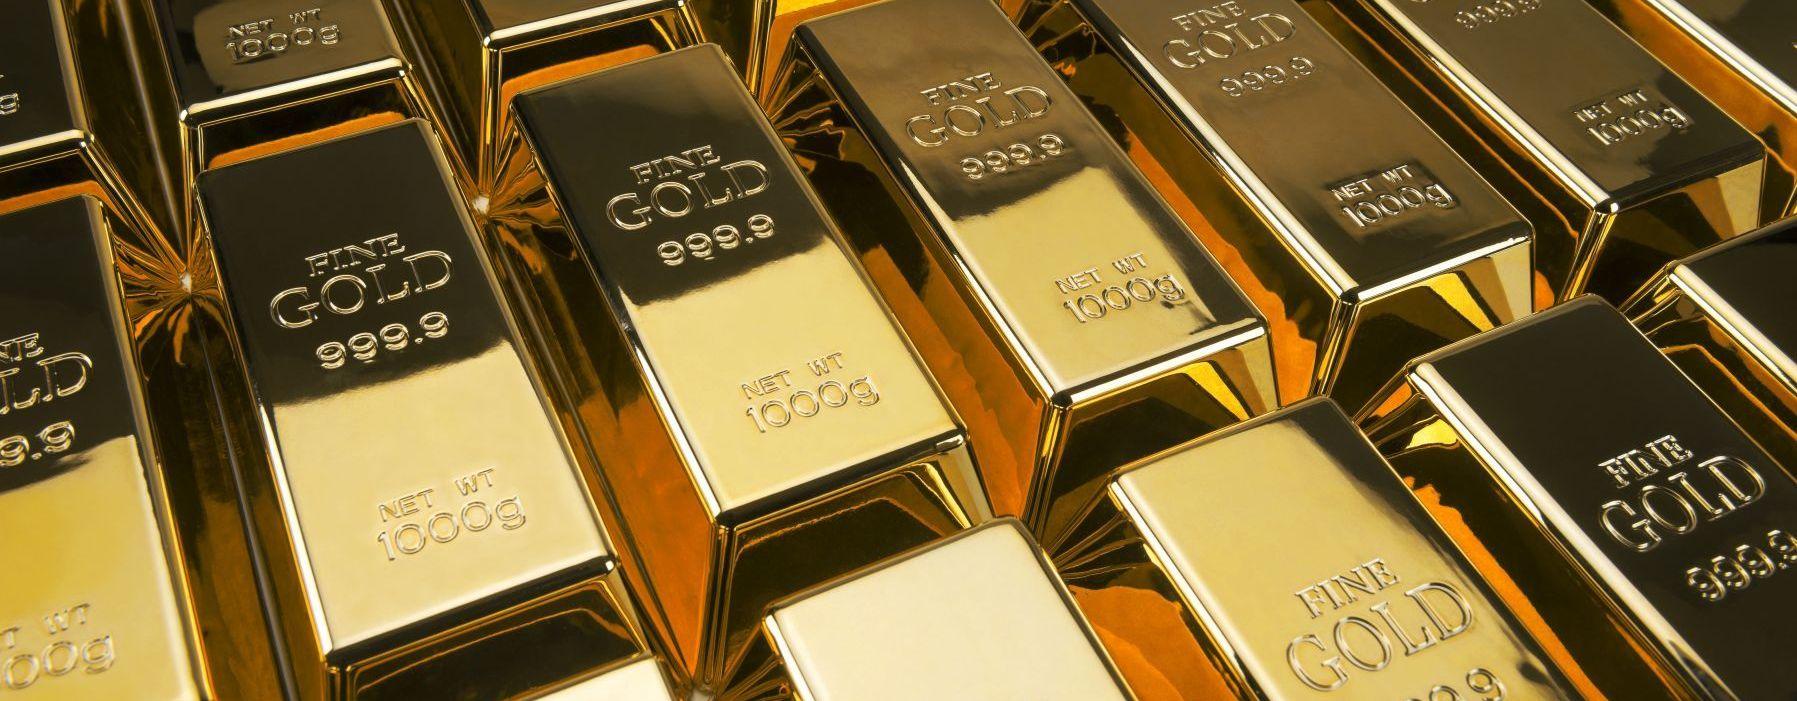 黃金市場已超賣 通膨增溫 扭轉金價頹勢要靠投機行情